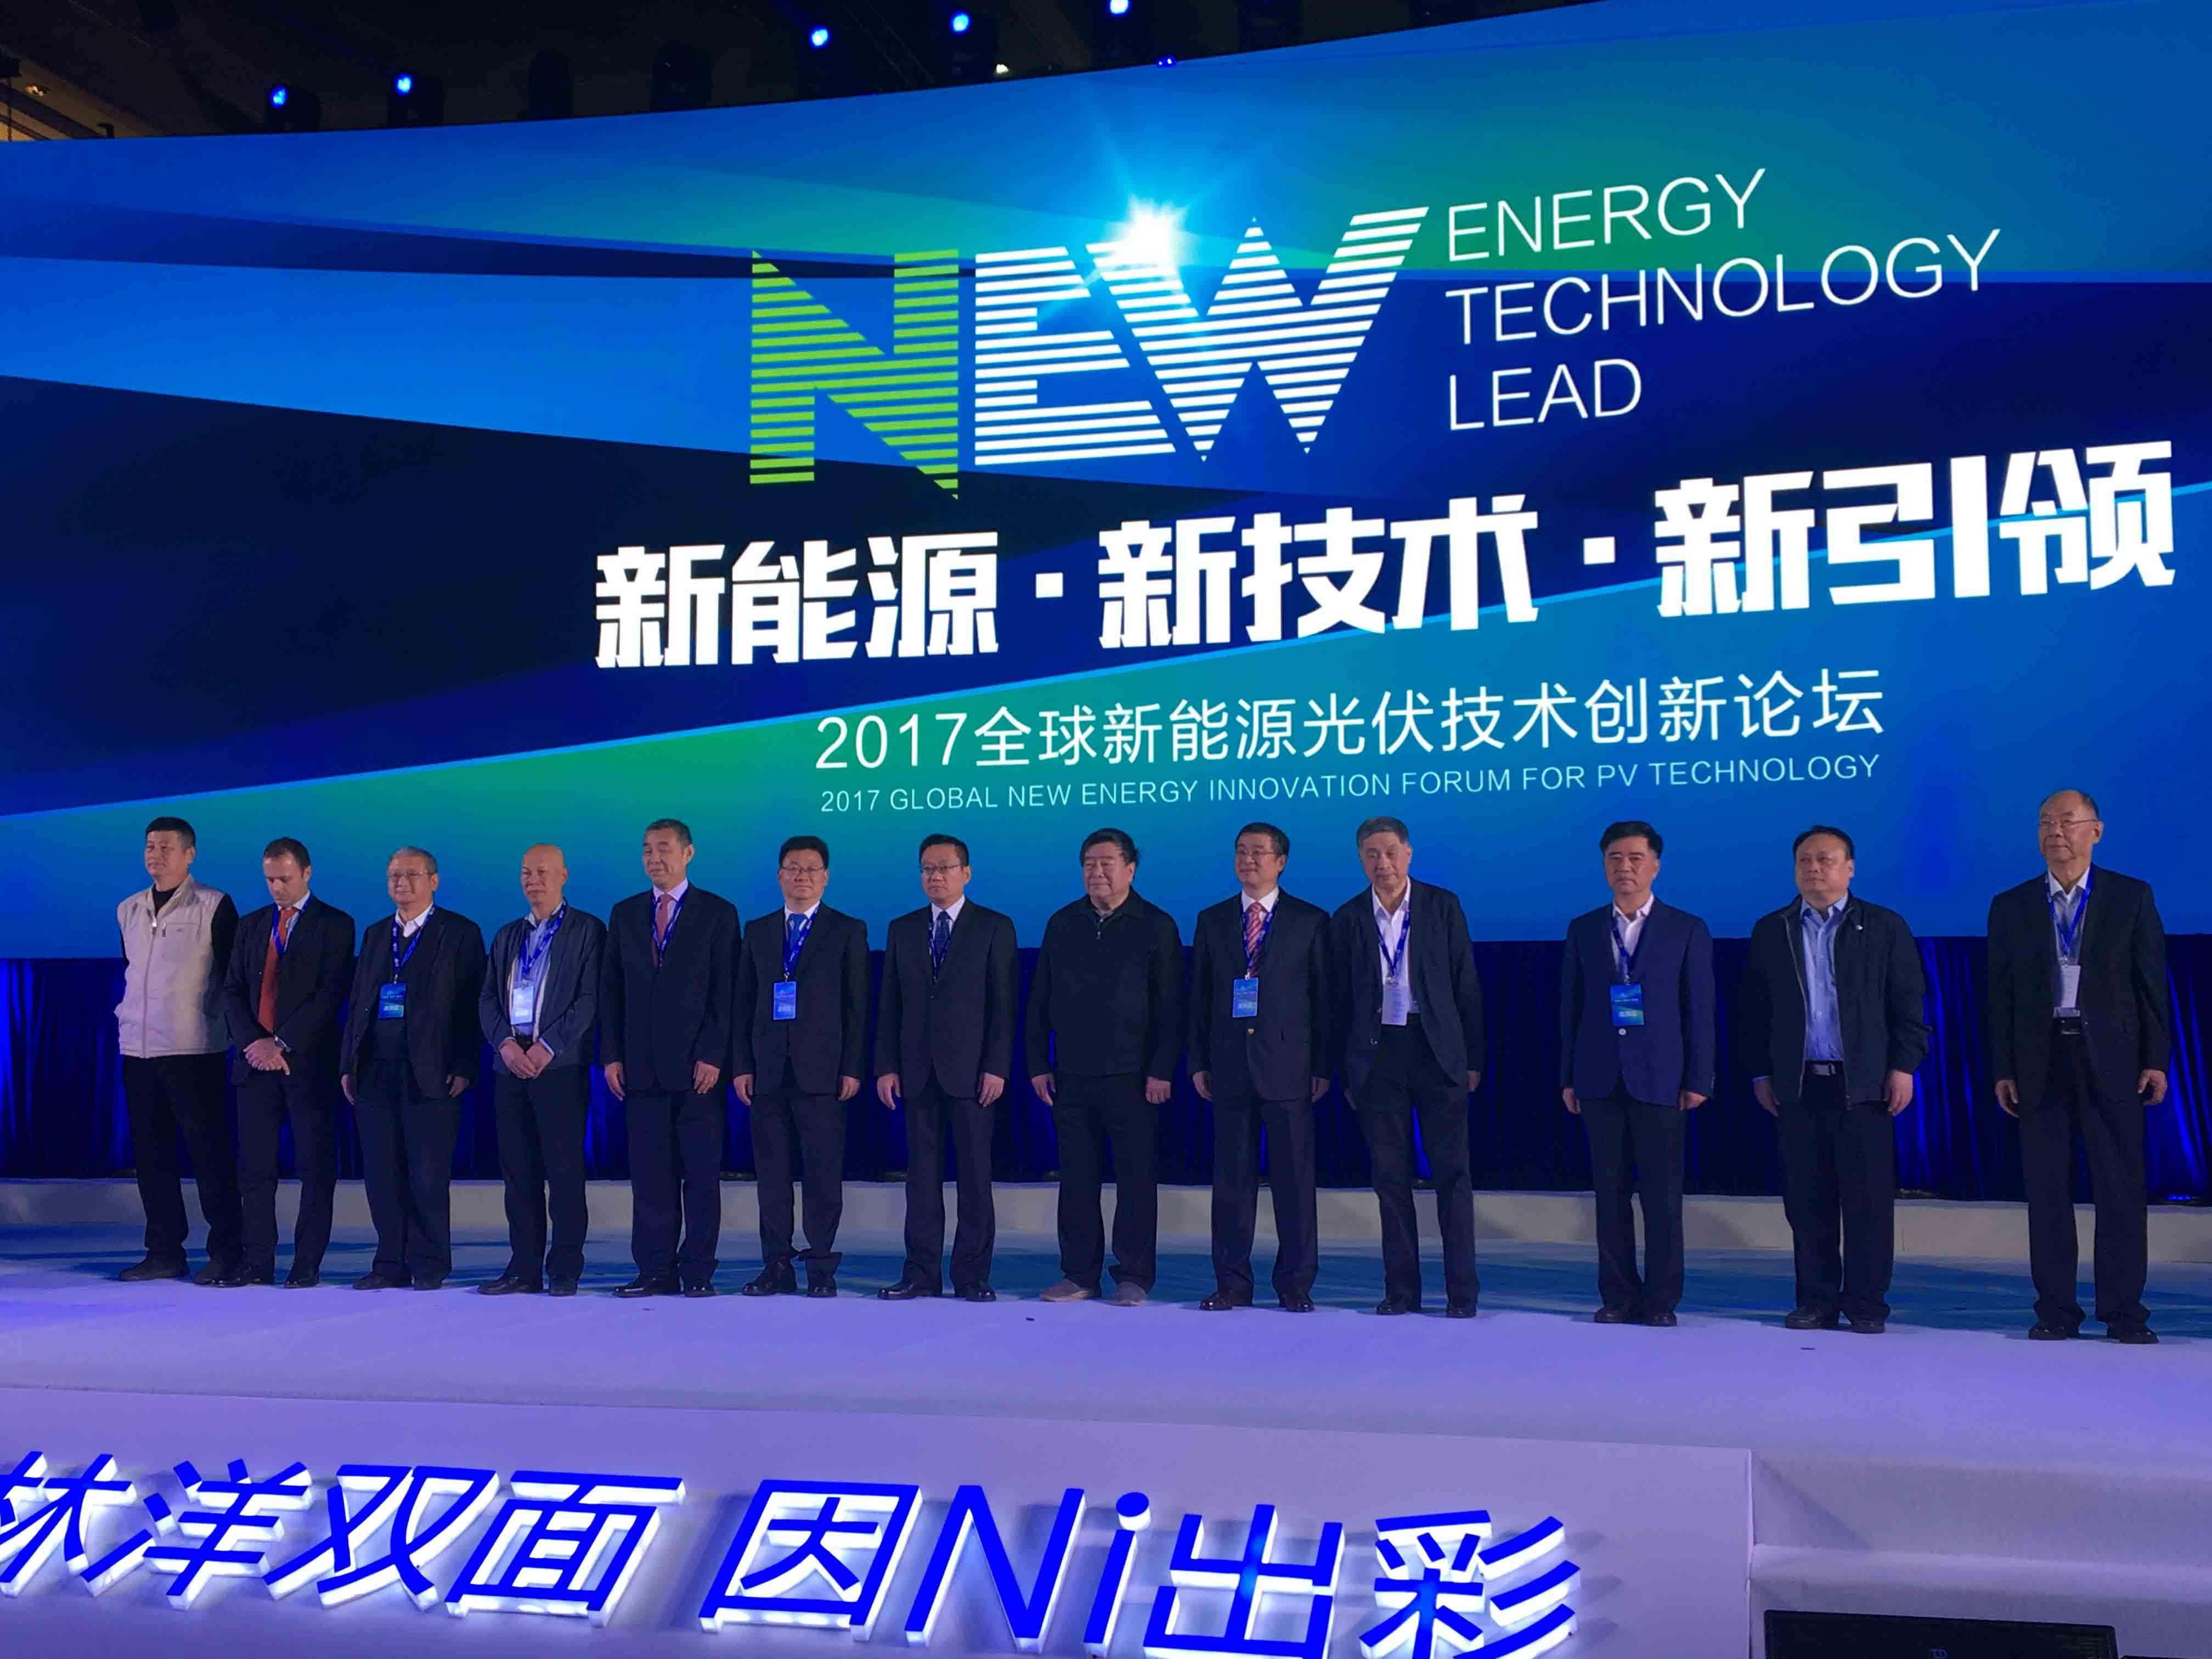 林洋重磅发布N型双面单晶高效产品及2020技术路线图